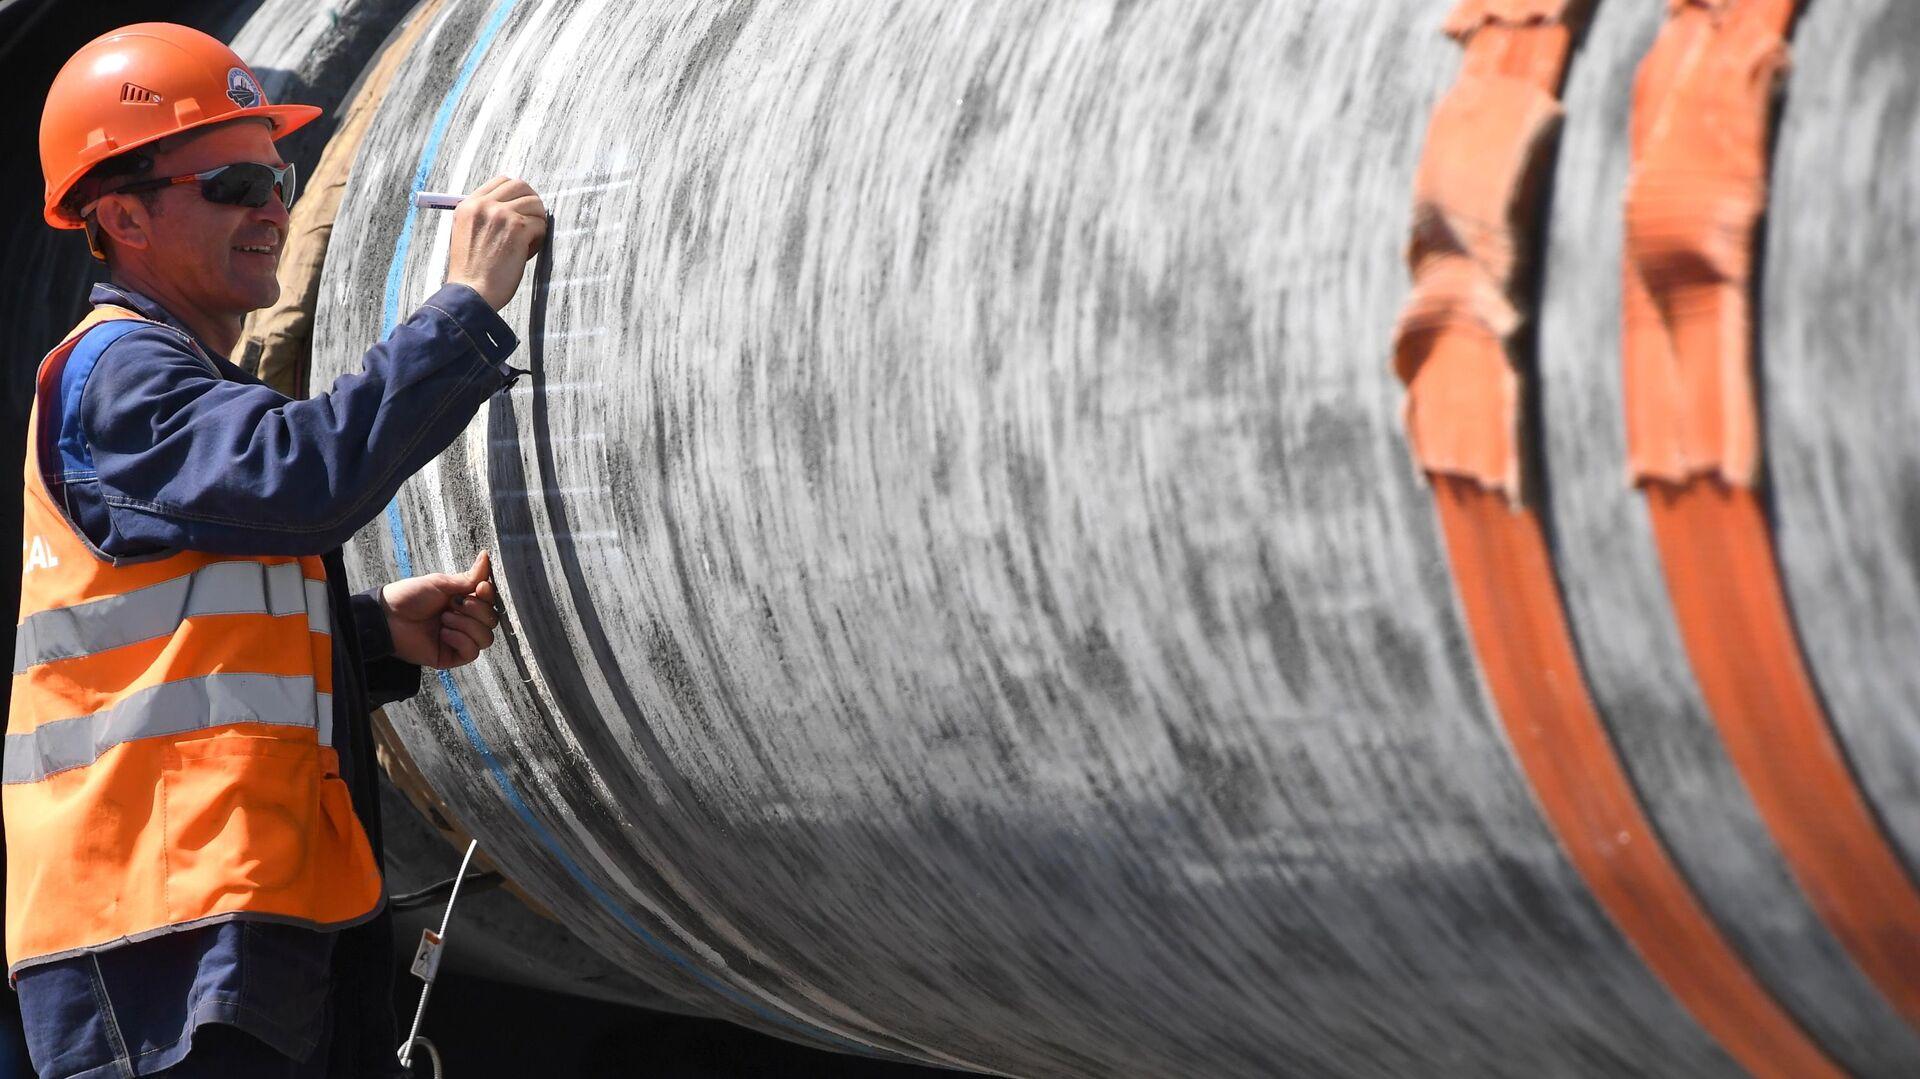 Строительство газопровода Северный поток-2 в Ленинградской области - РИА Новости, 1920, 24.10.2020